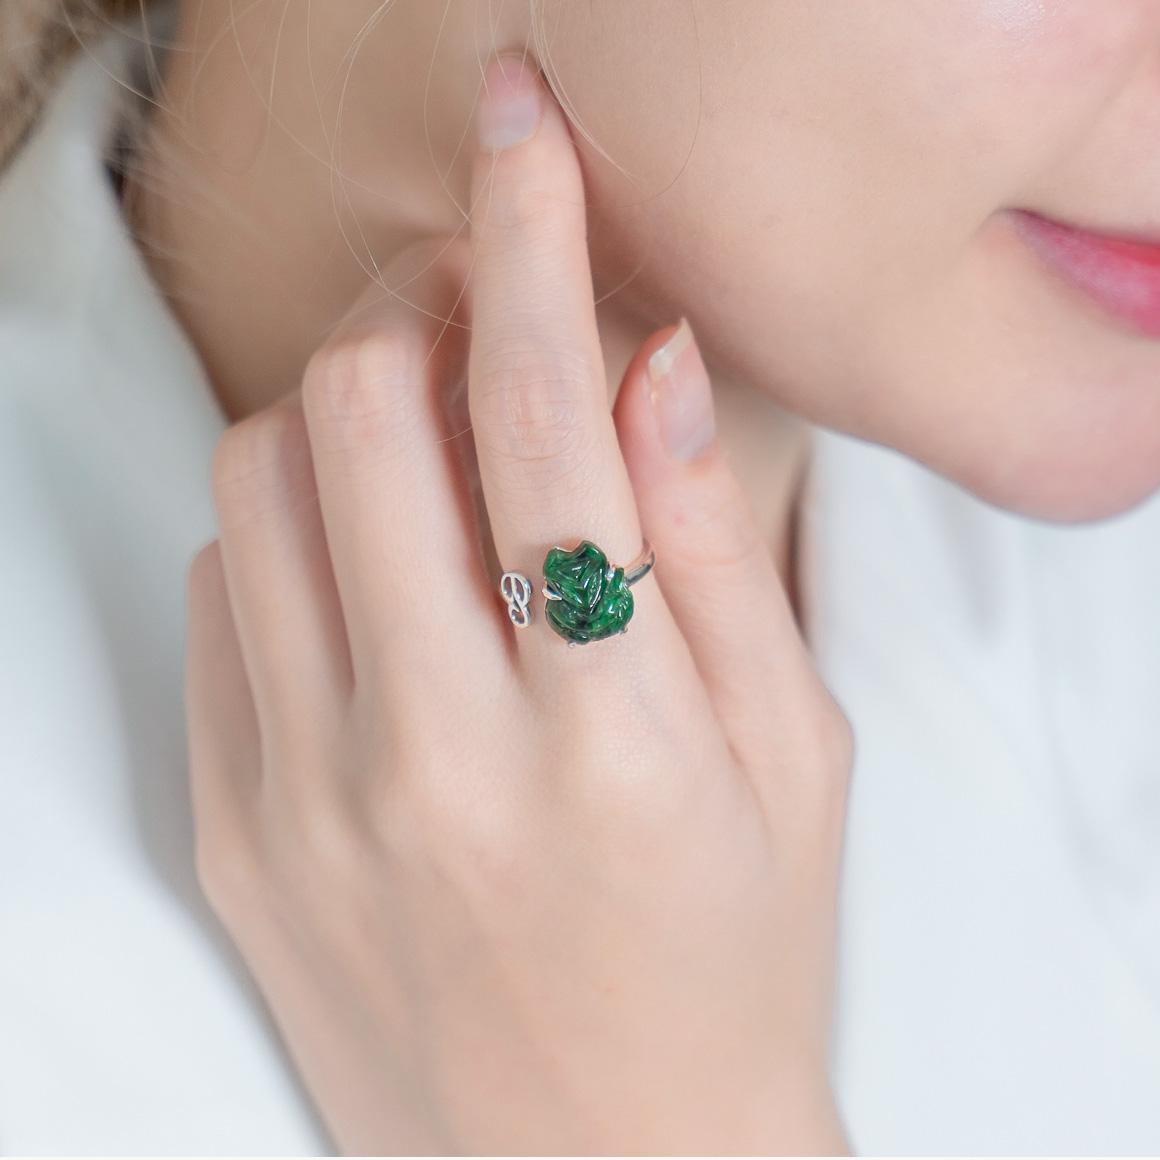 đeo nhẫn phong thủy ngón trỏ